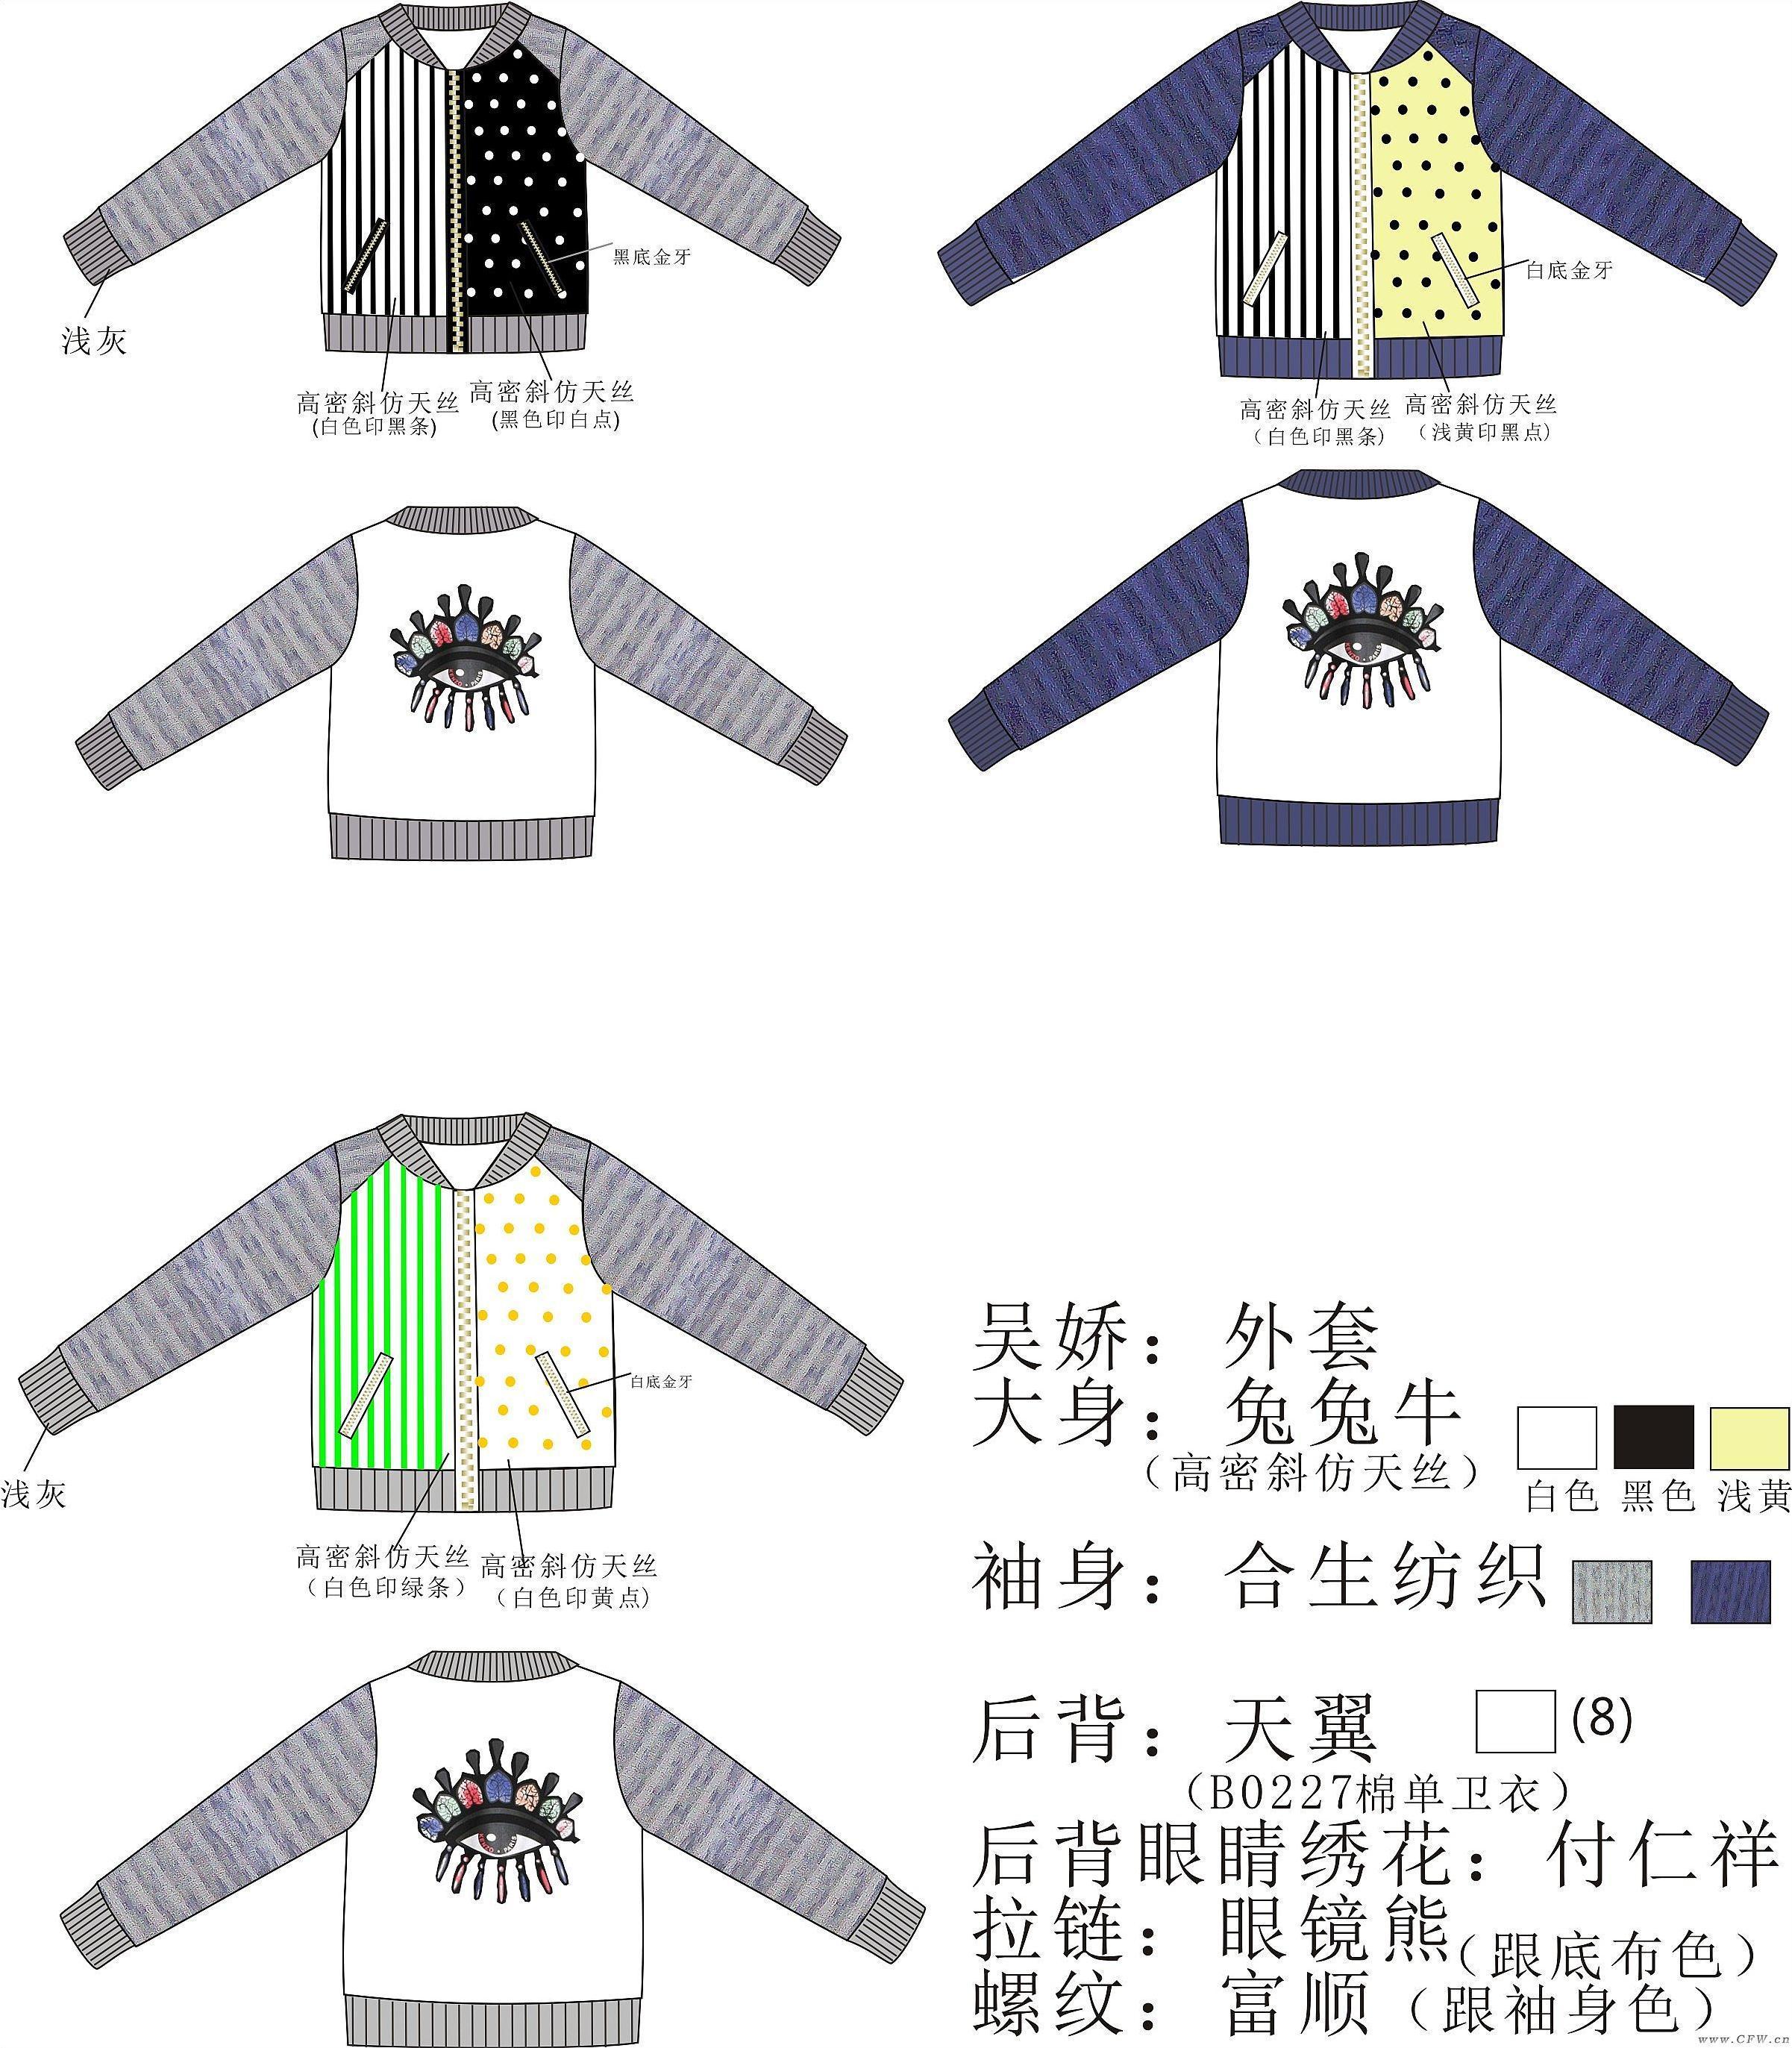 薄外套女装_2014春夏童装服装款式图-童装设计-服装设计